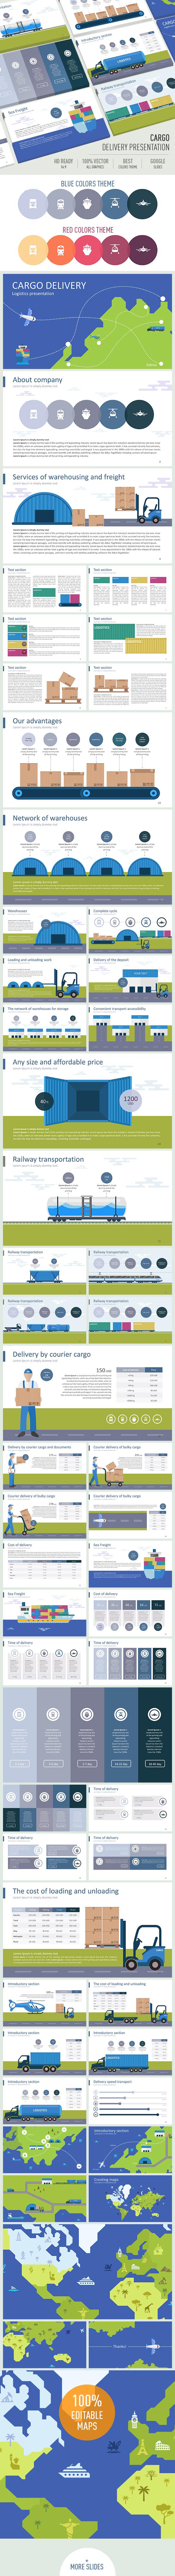 Cargo delivery Google slides - Google Slides Presentation Templates